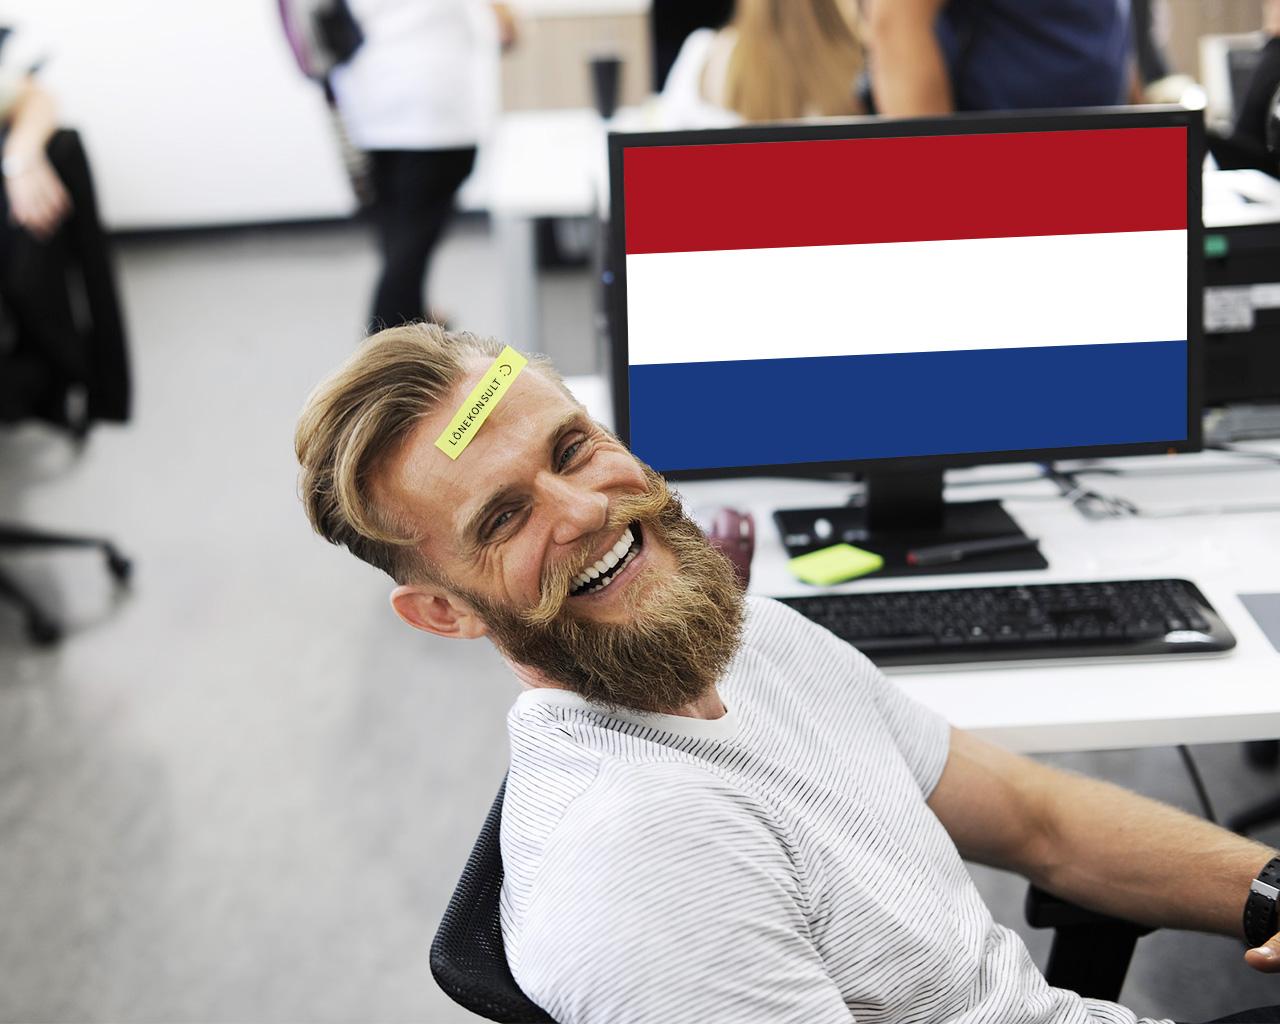 Lönekonsult är ett mansjobb i Nederländerna